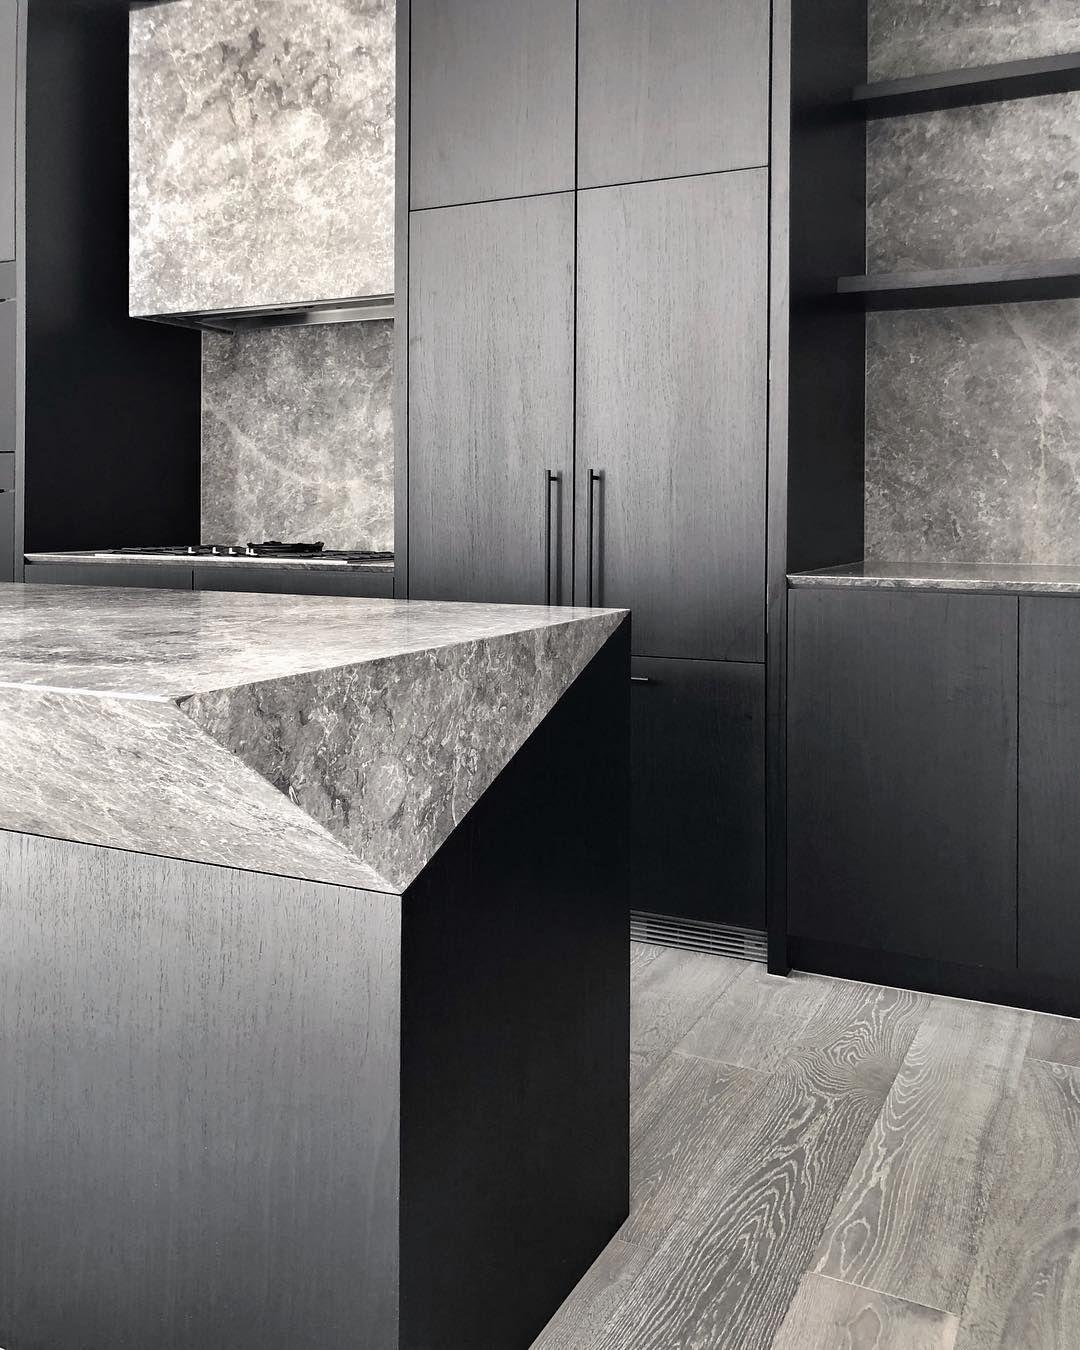 Kitchen Design Commercial Kitchen Design Ideas 2019 New In Kitchen Design L Shape Kitchen Desig Modern Mutfak Tasarimi Ic Tasarim Mutfak Mutfak Tasarimlari